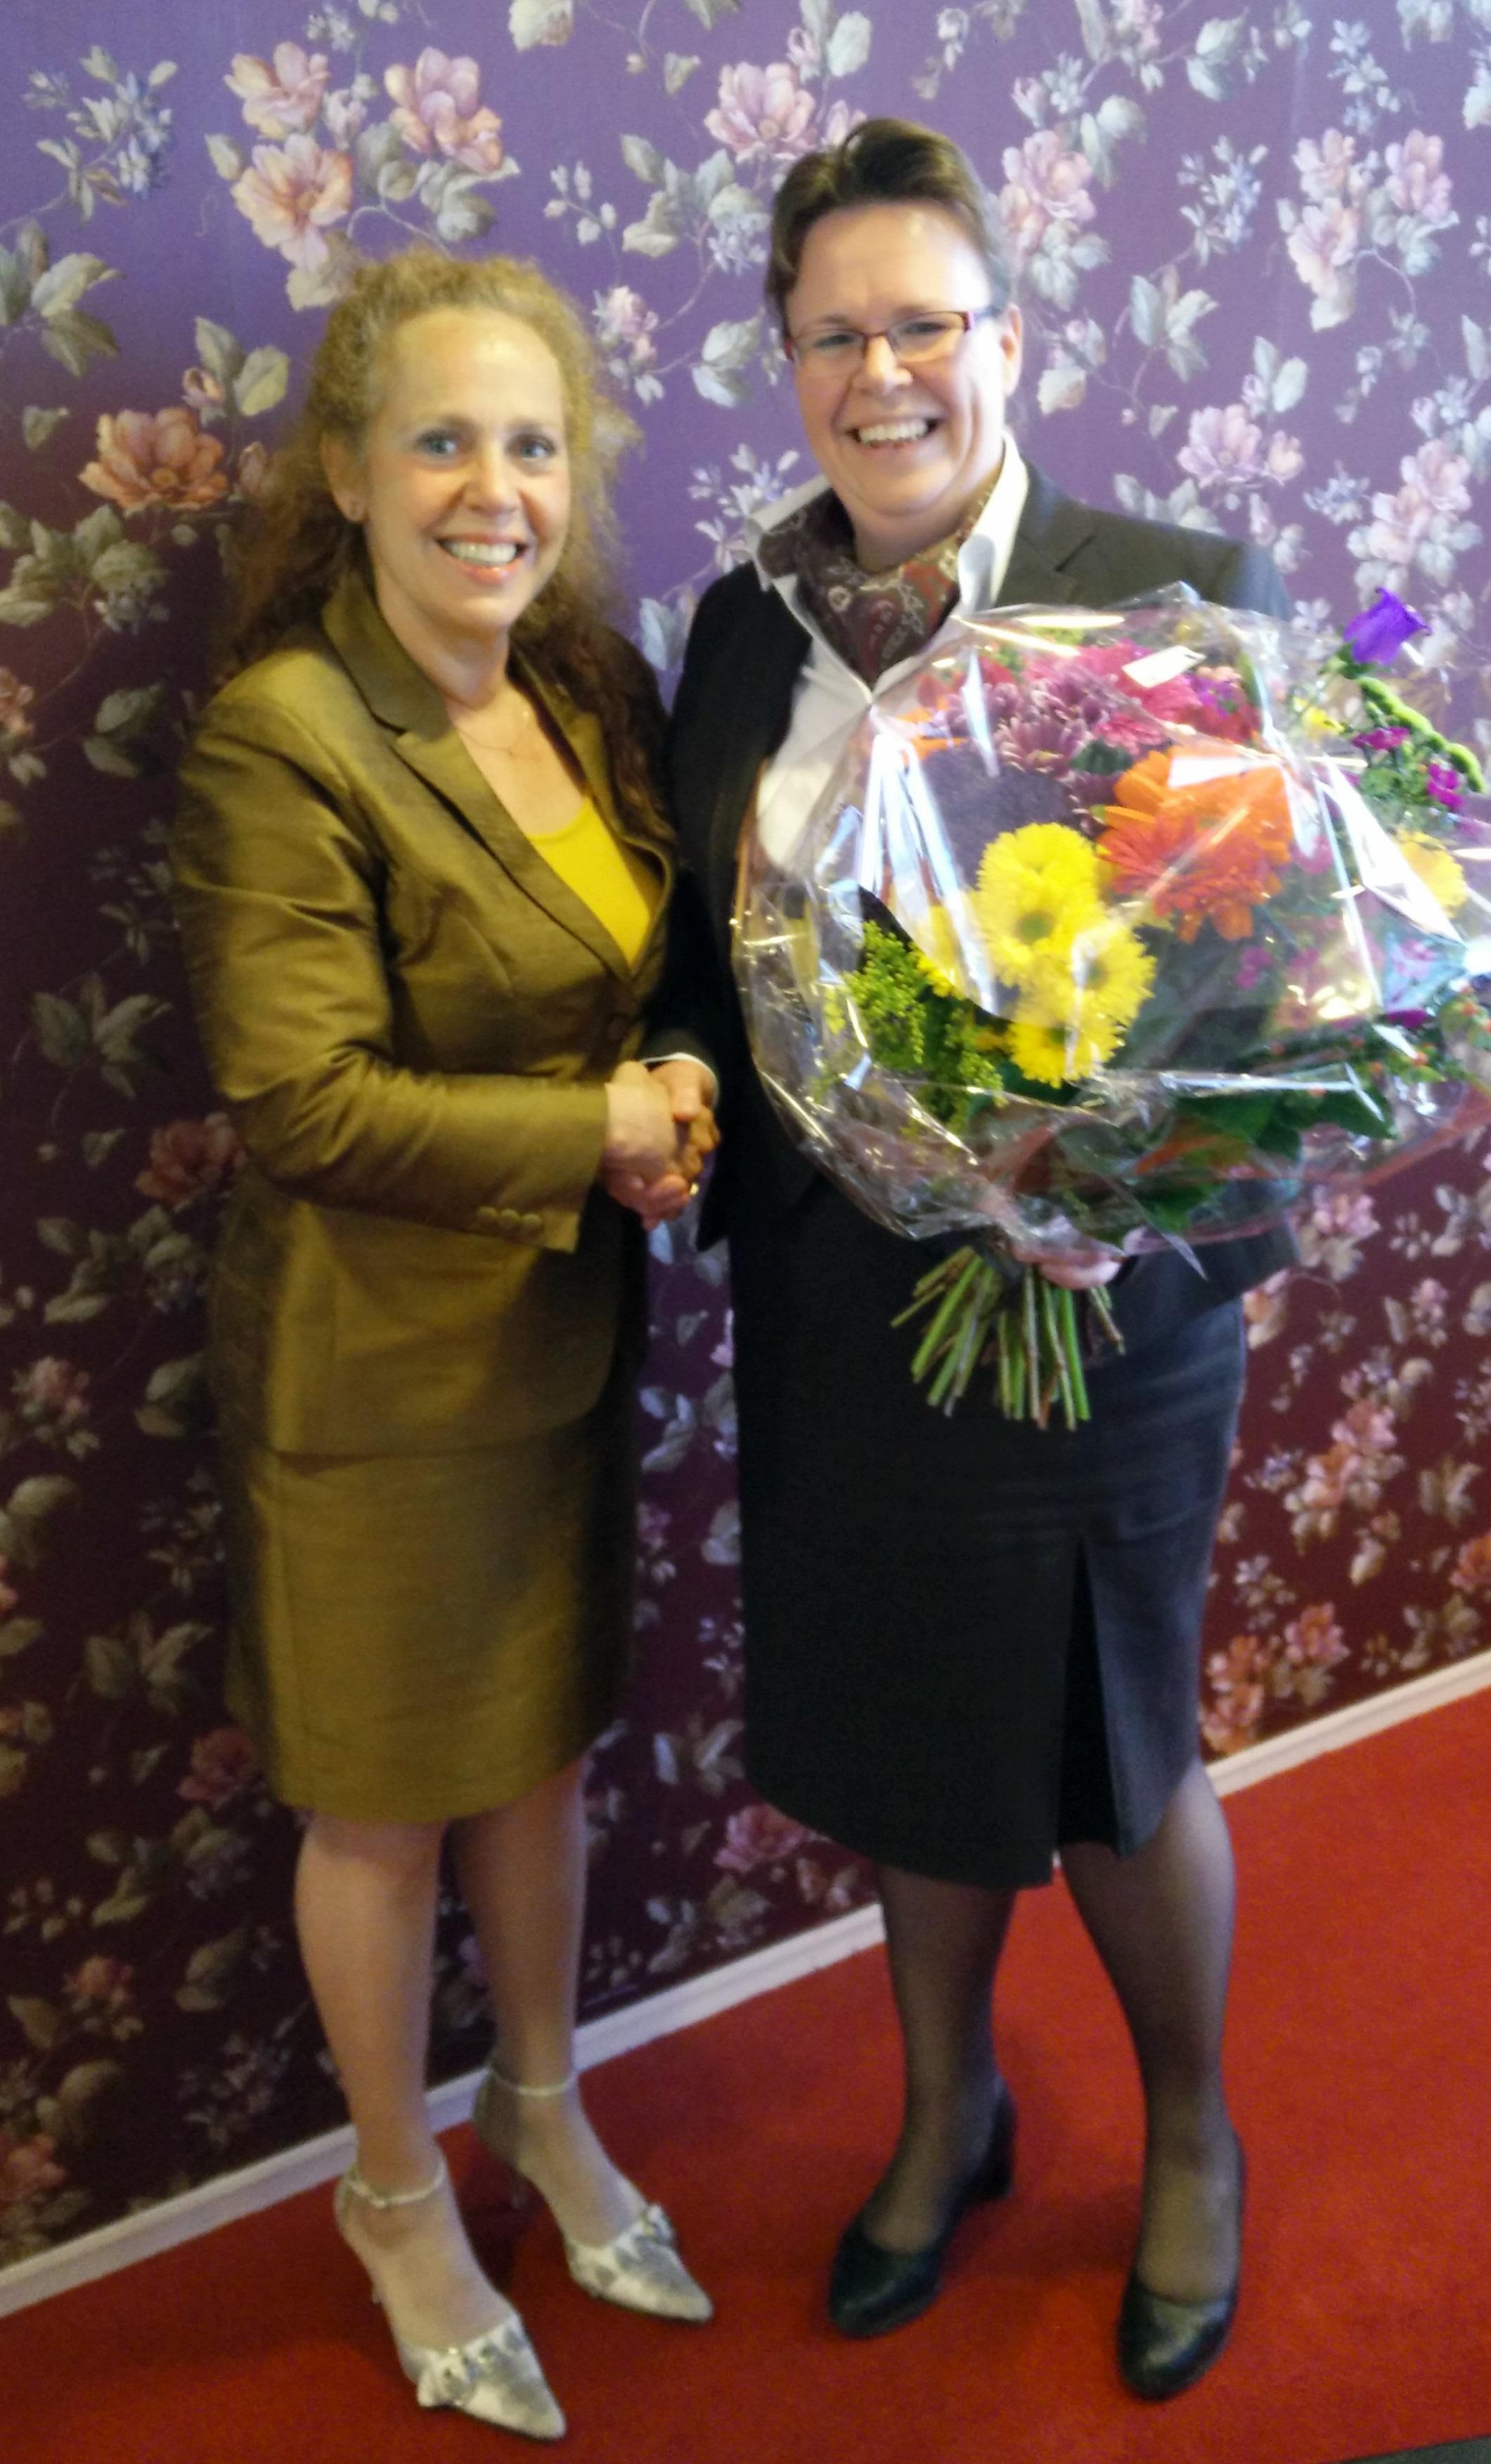 Directeur Uitvaartzorg Sabrina Franken (l) verwelkomt Corine de Ridder (r) als nieuwe franchisenemer bij Yarden. Bron: FranchiseFormules.NL